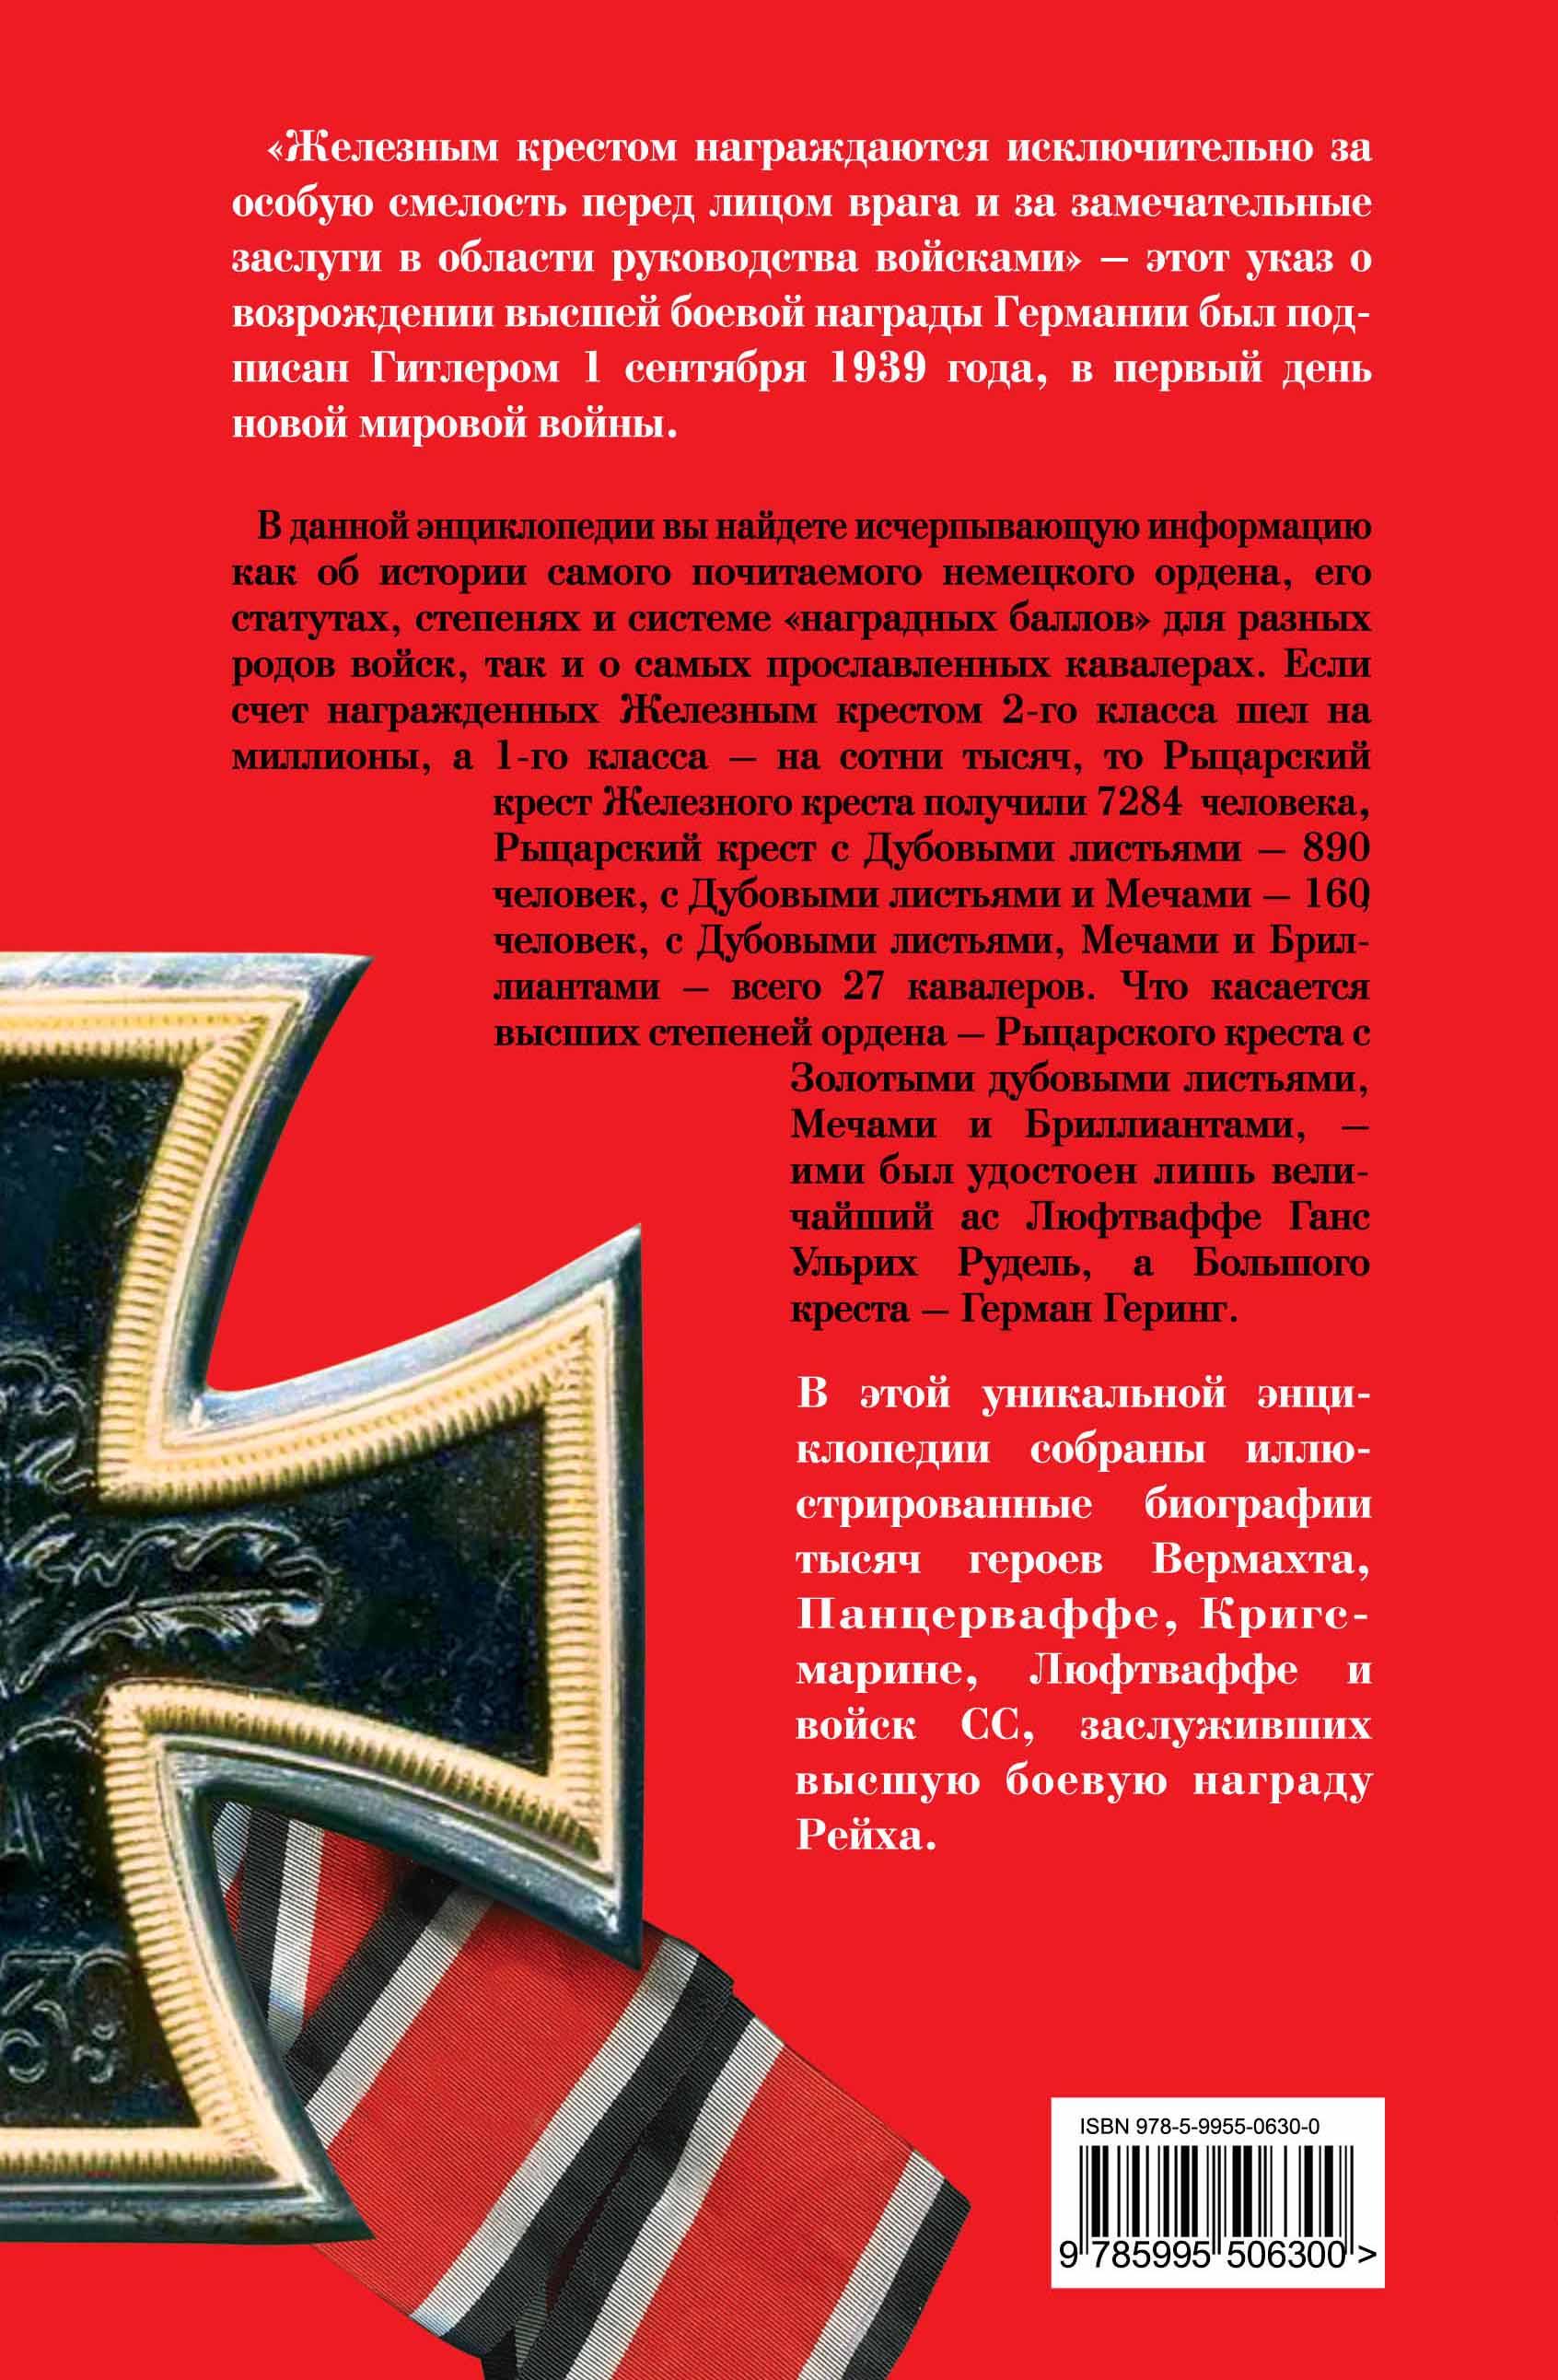 Константин Залесский. Железный Крест - высшая награда Рейха